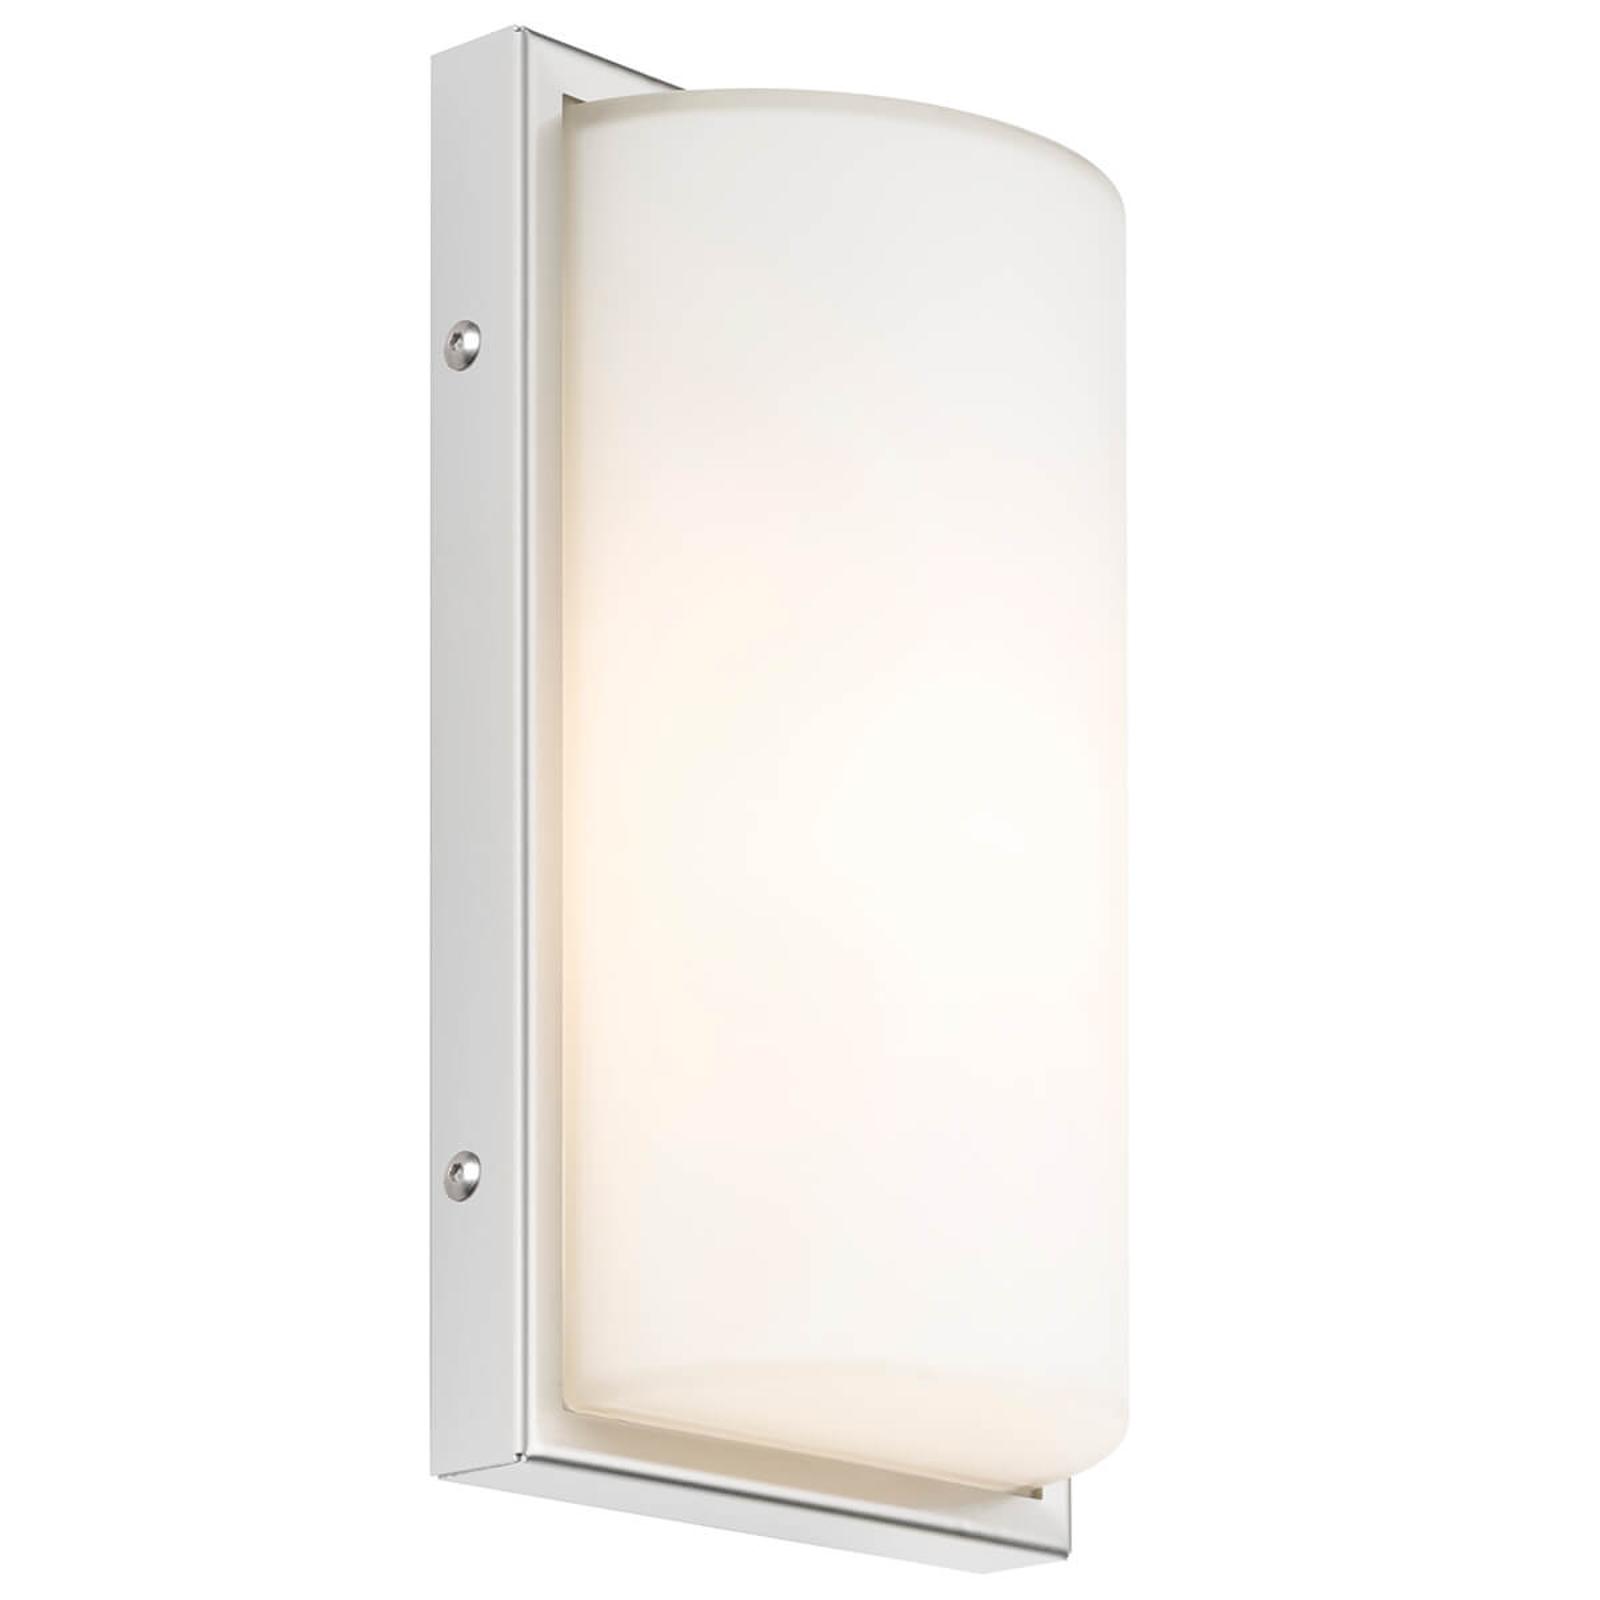 040 utendørs LED-vegglampe med sensor, hvit